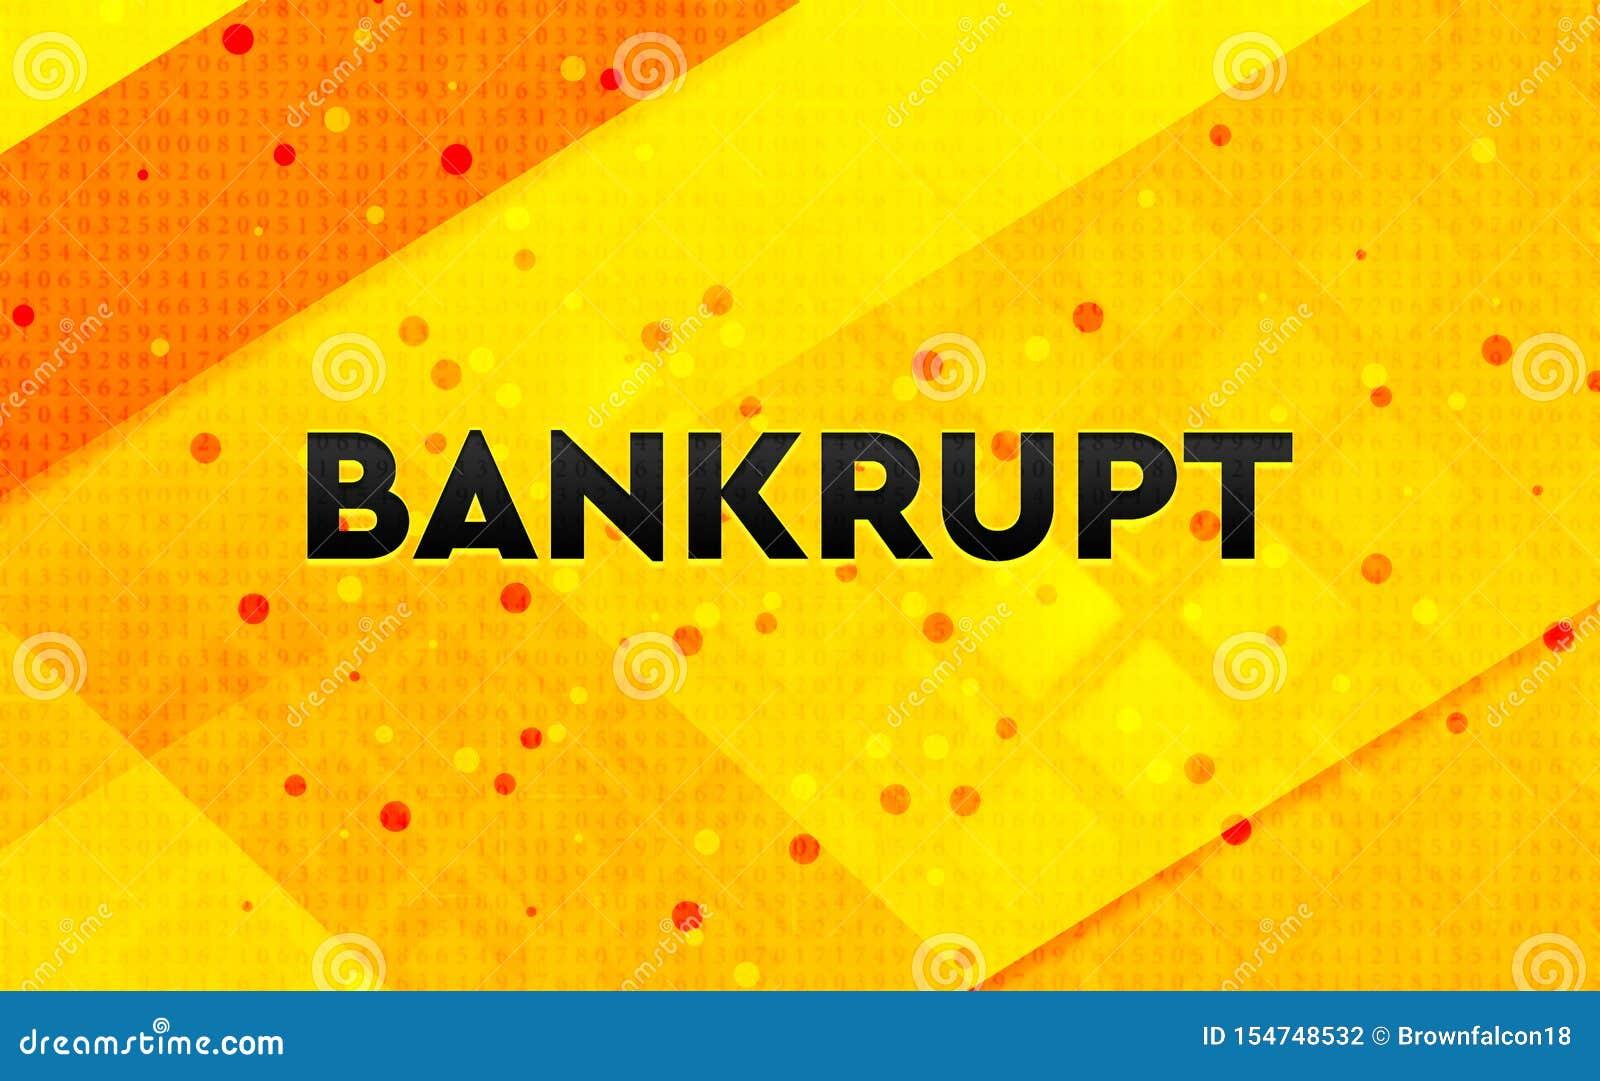 Fond jaune de bannière numérique abstraite faillite